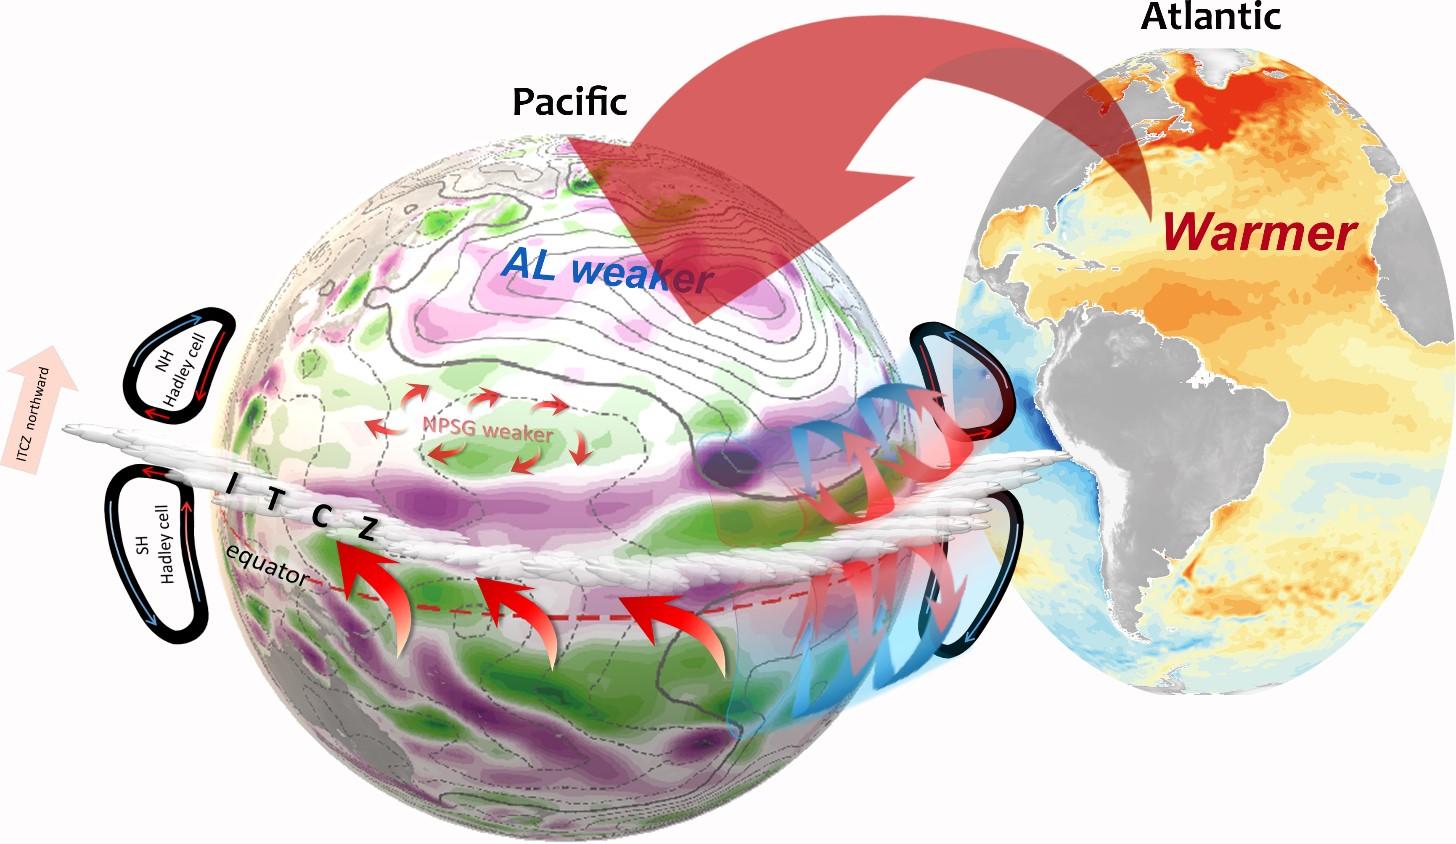 圖二:北大西洋變暖導致太平洋大氣與海洋環流變異之示意圖